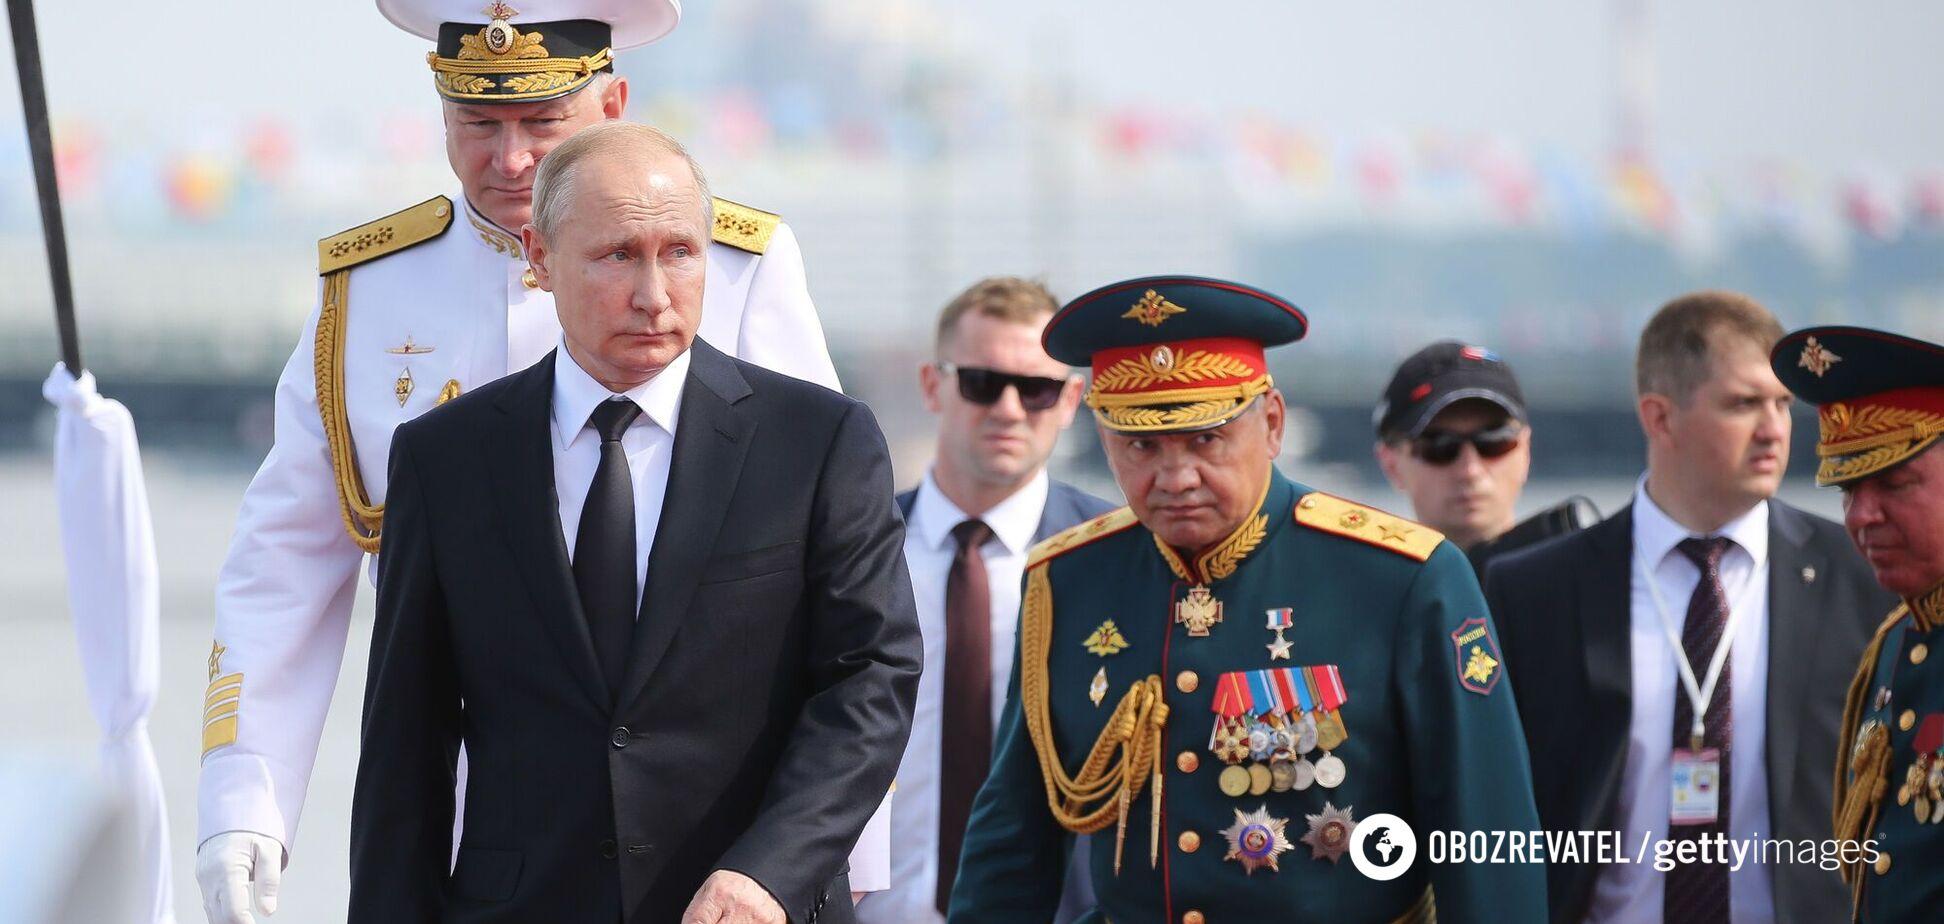 Пономарьов про 'палац' Путіна: в Кремлі почалася 'метушня' проти друзів президента